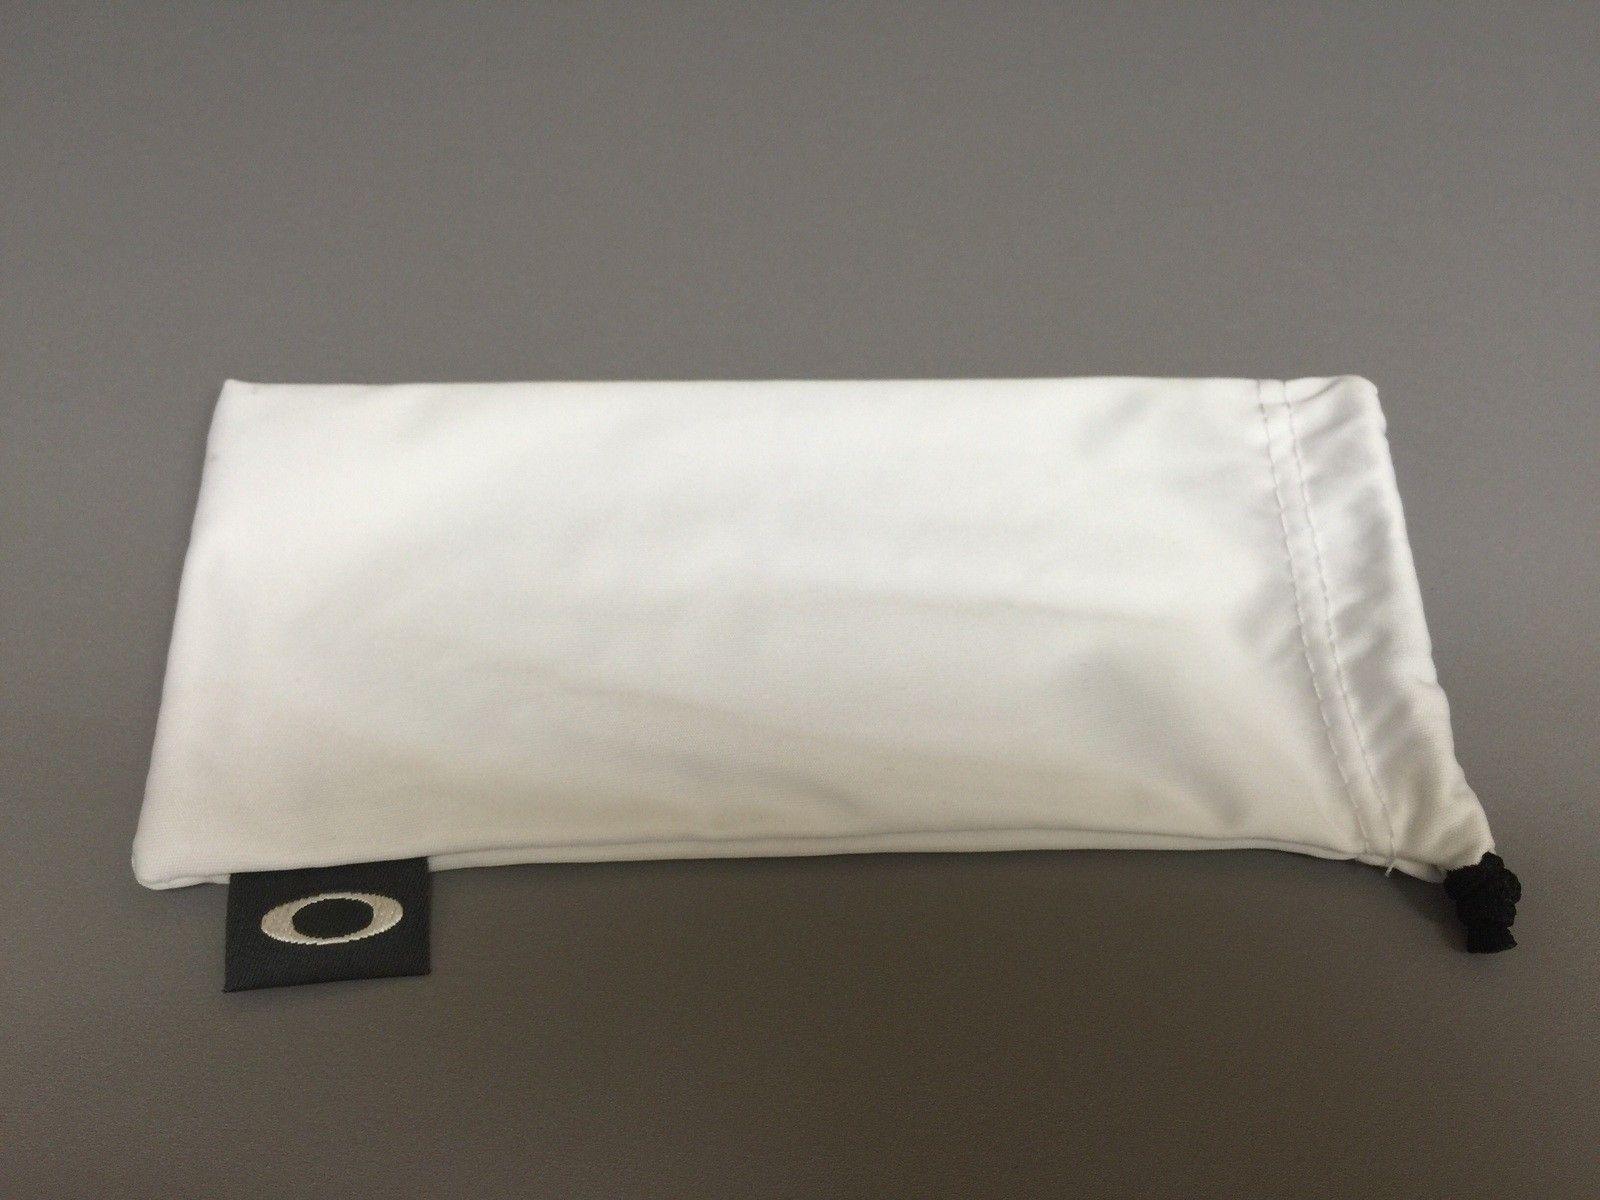 Oakley Flak Jacket Polished White With Black History Text - image.jpg